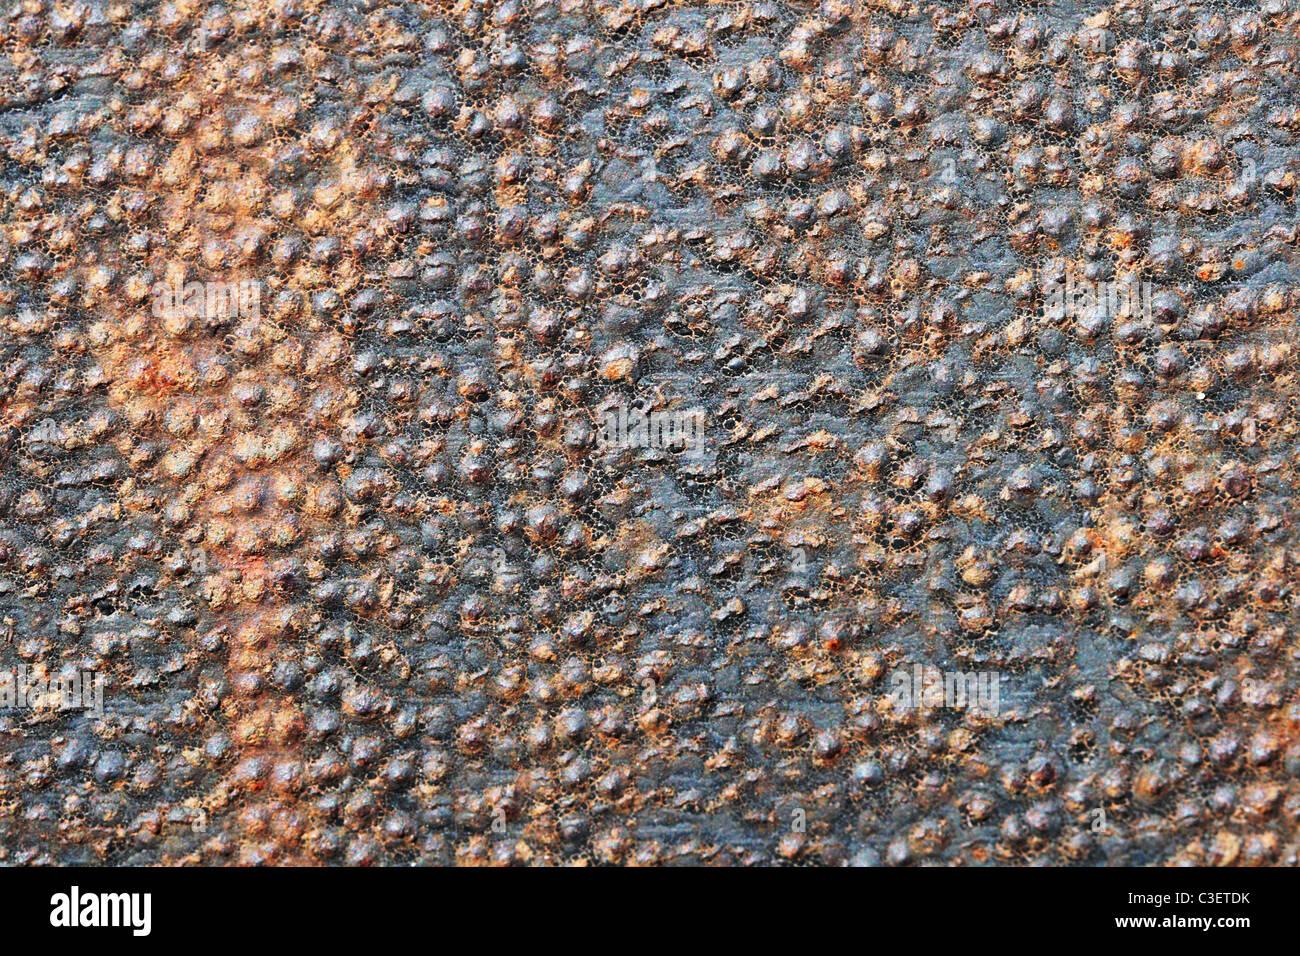 holprige rostiges Eisen Metall Hintergrundtextur mit Streifen Stockbild